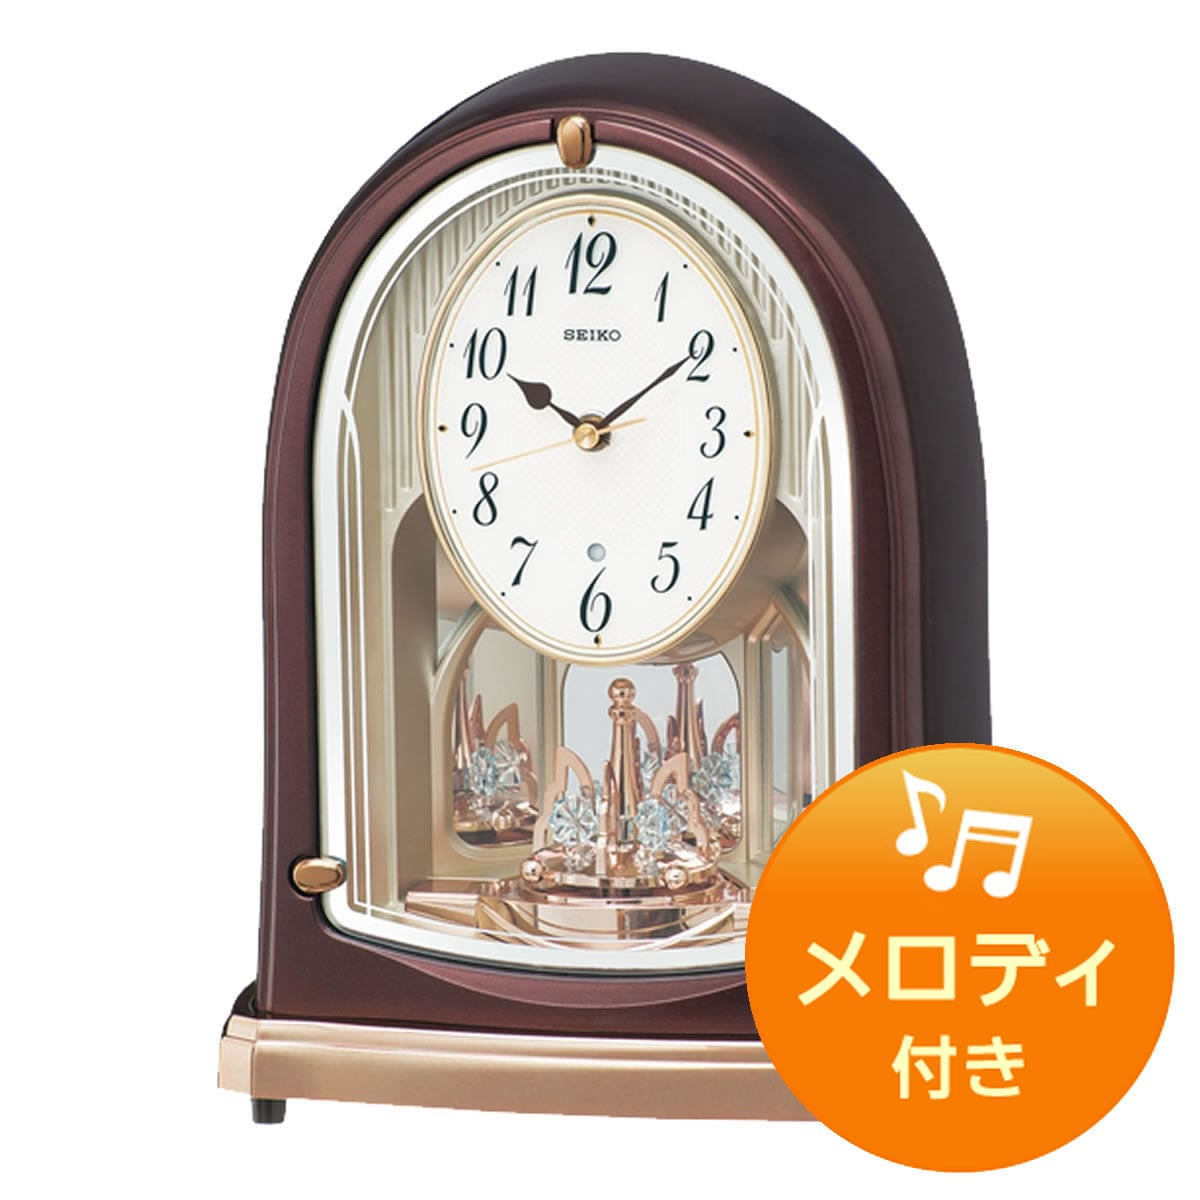 SEIKO セイコー 電波アミューズ置き時計 BY239B